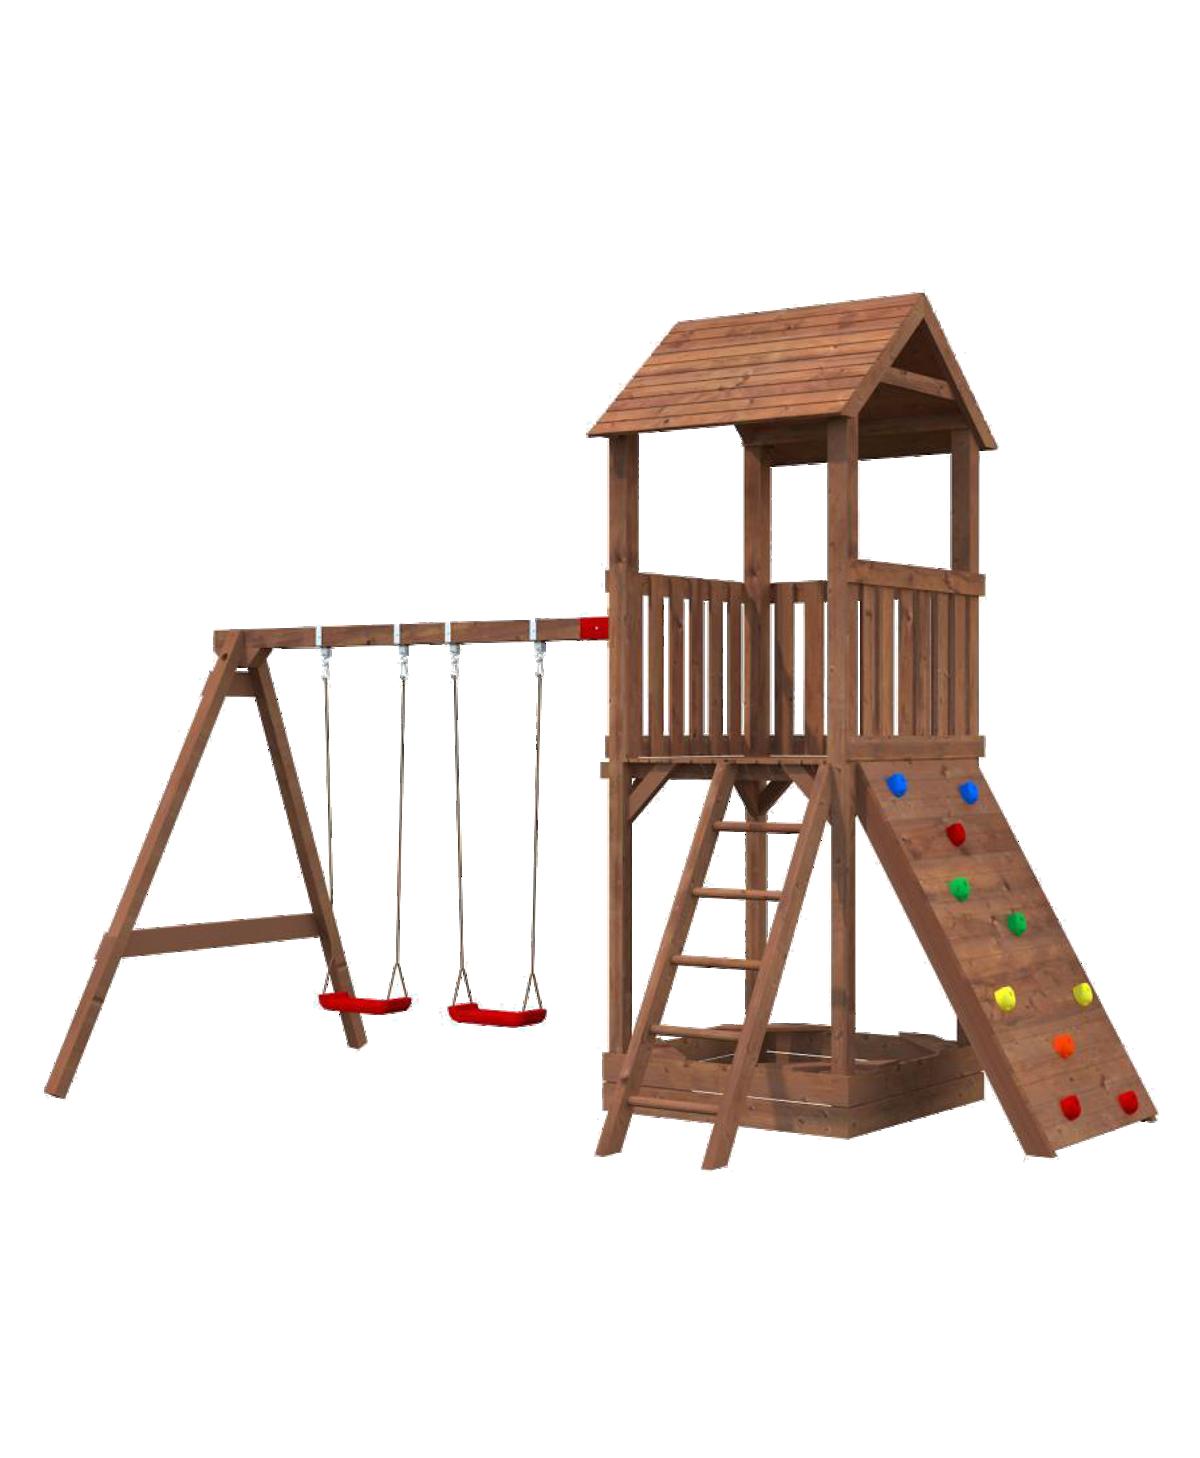 Spielturm Jesper Set 3 Turm mit Dach Kletterwand Schaukel